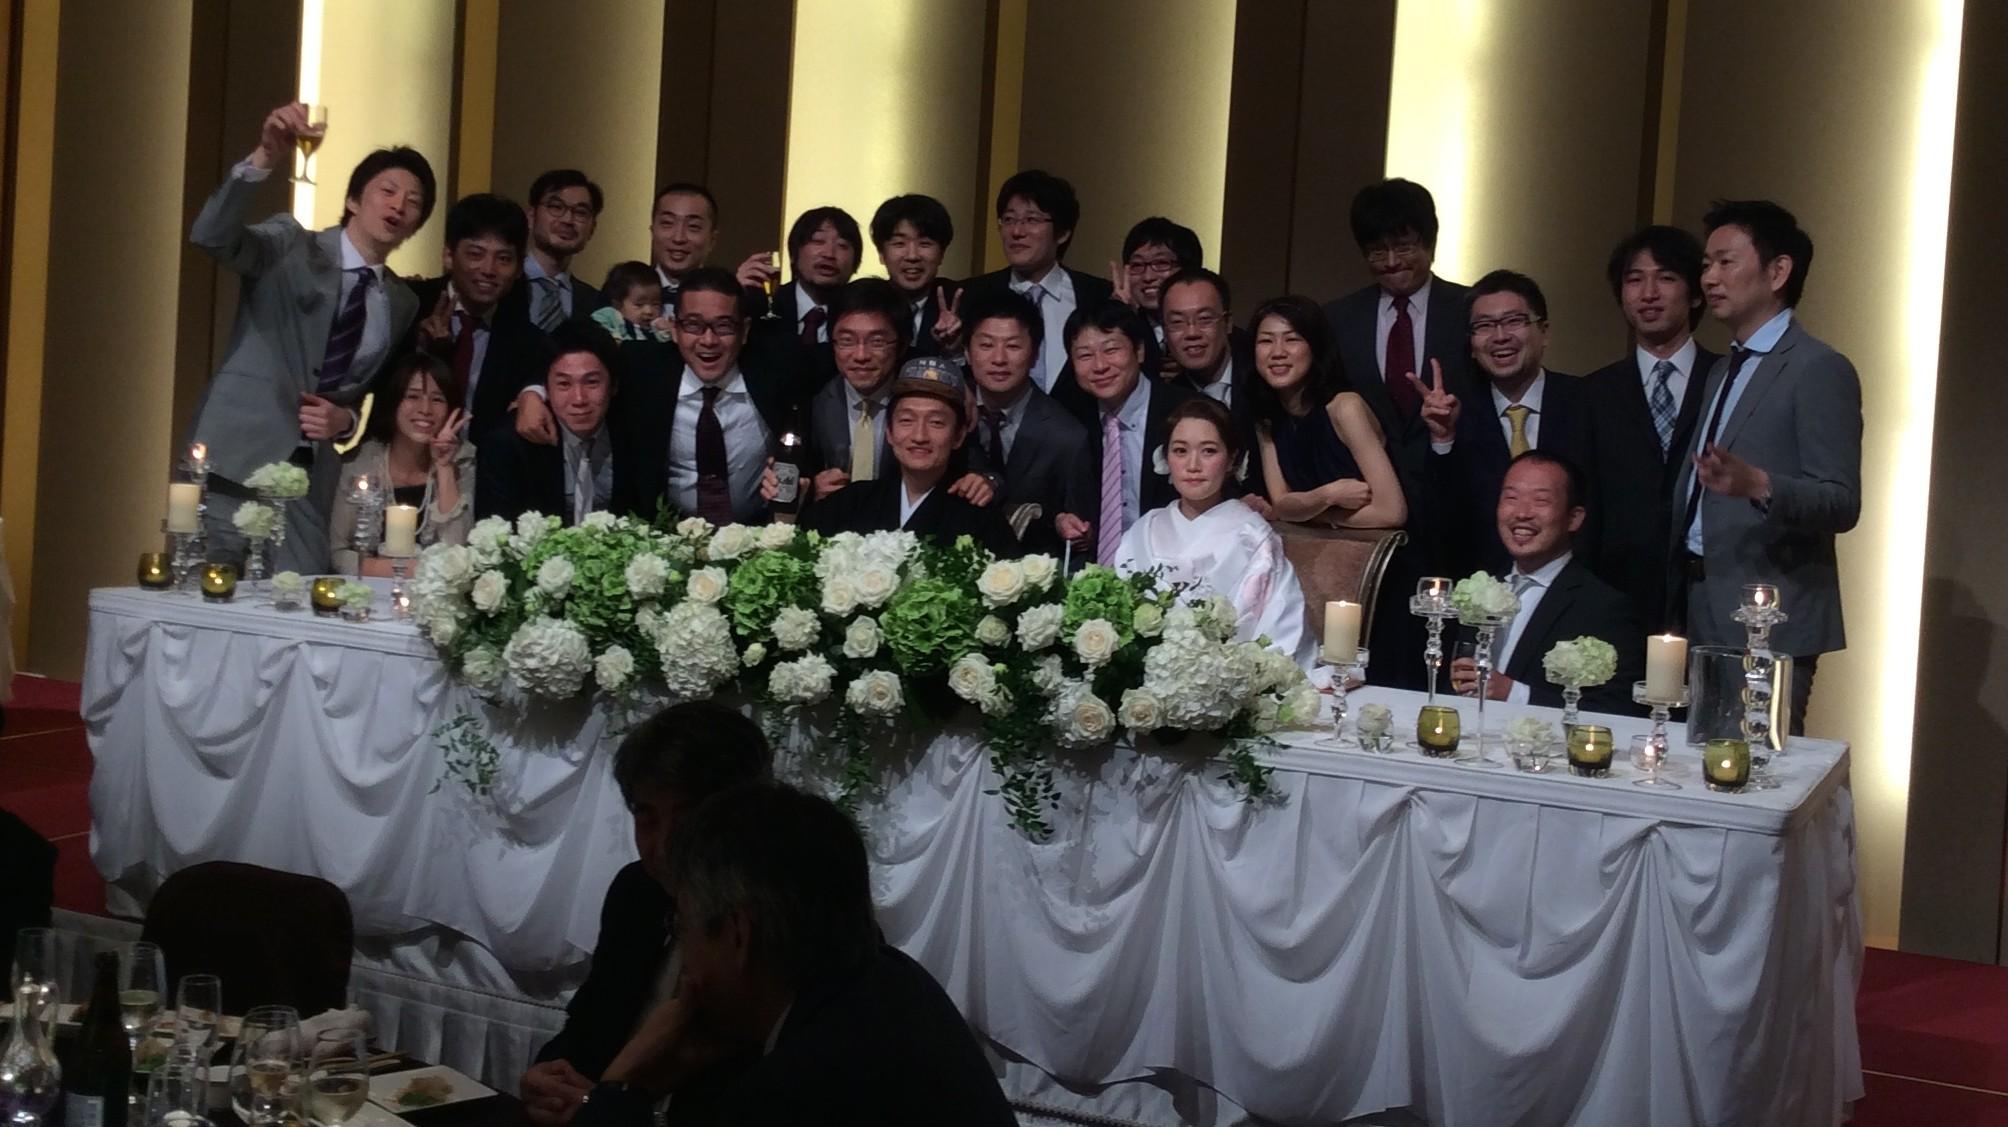 後輩結婚式でまさかのサプライズゲストに出会った!?